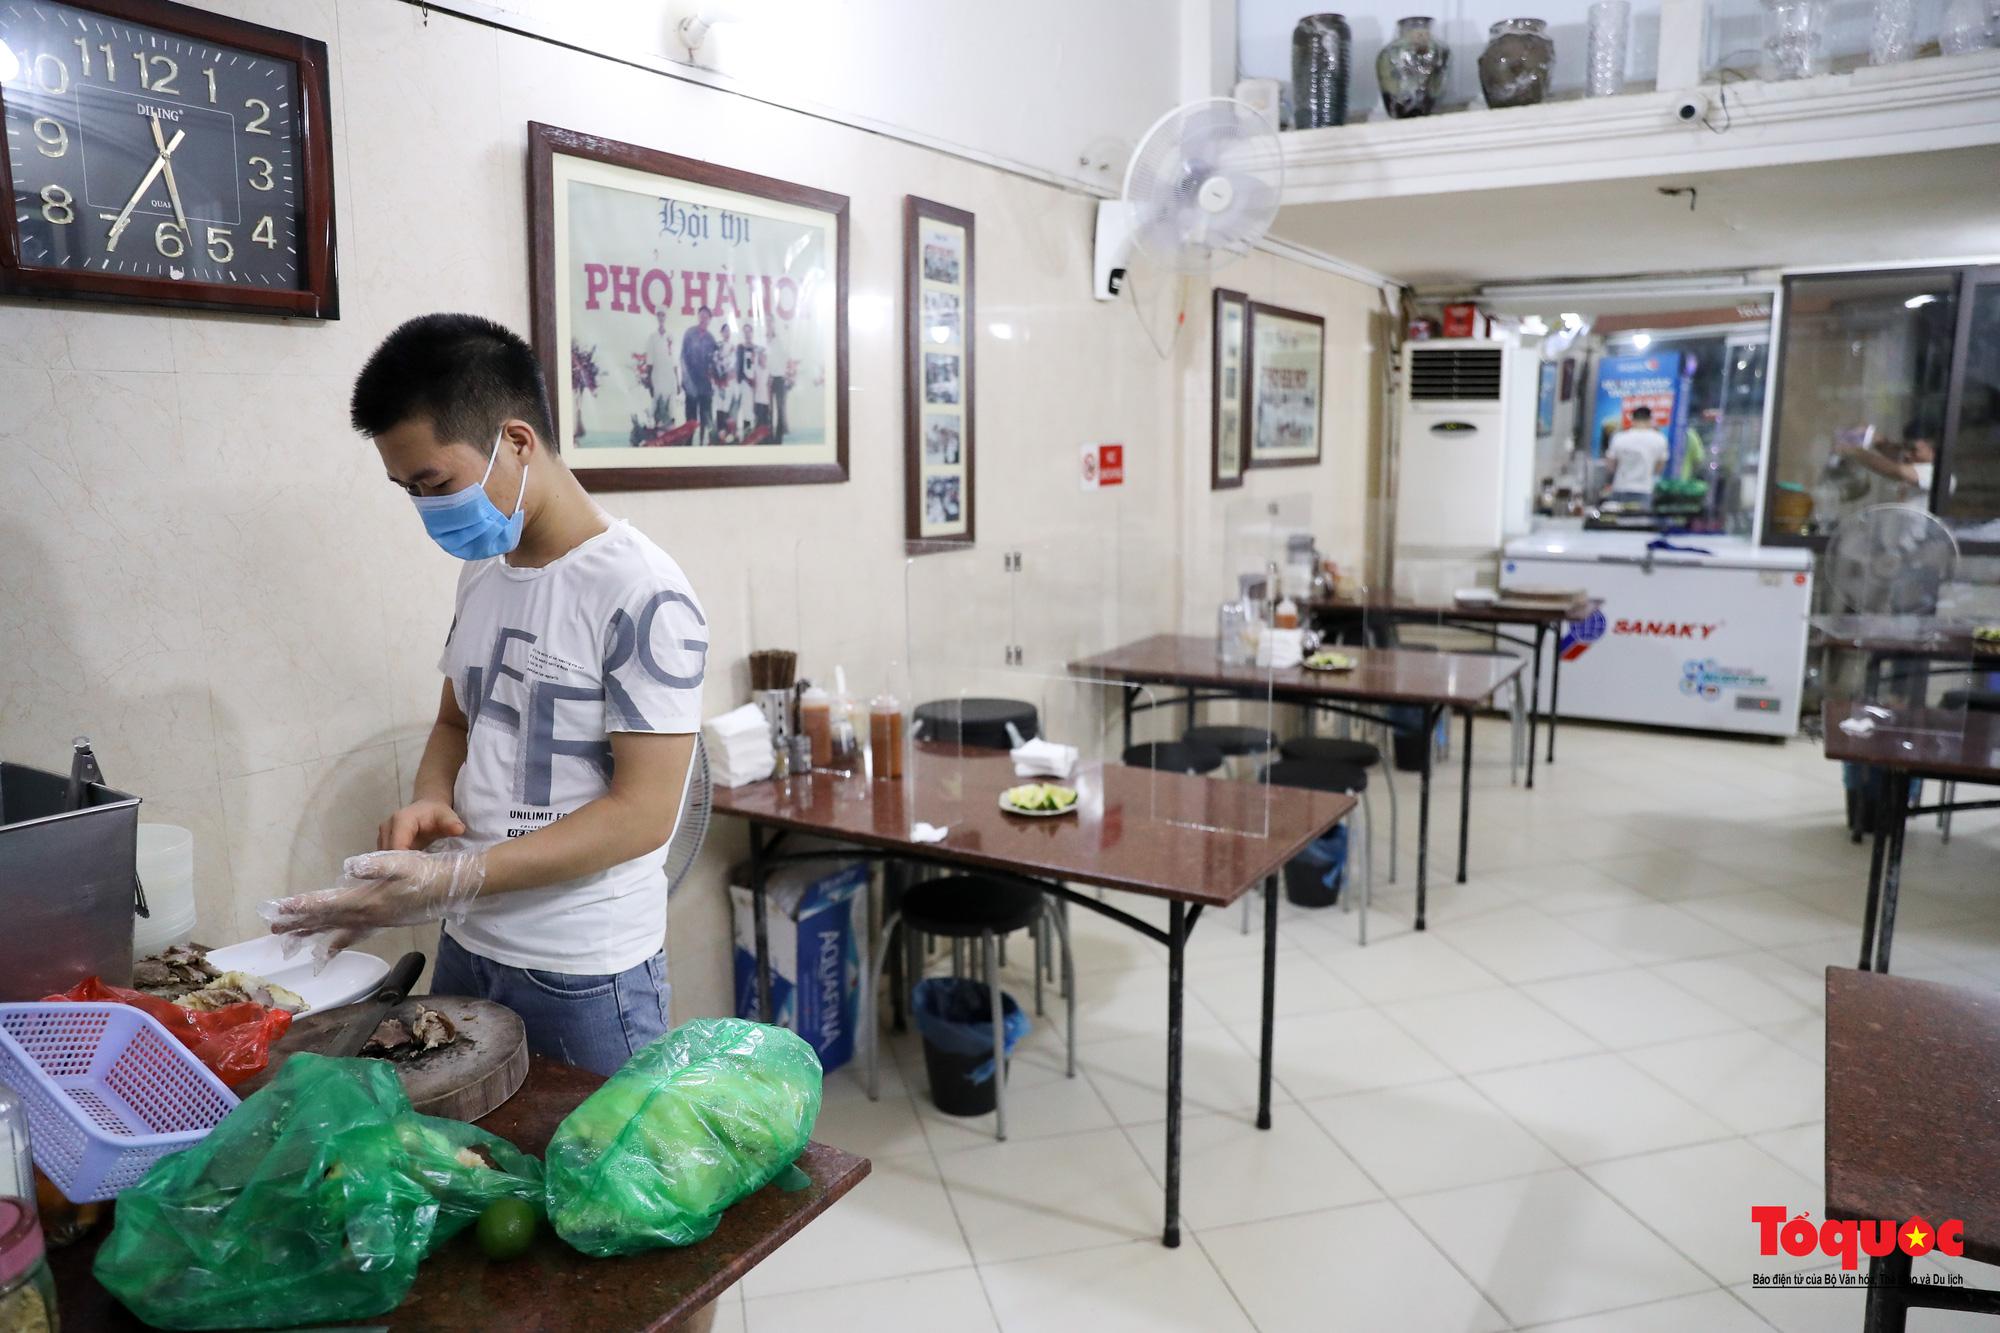 Người Hà Nội dạy sớm thưởng thức đặc sản thủ đô ngay khi hàng quán được bán hàng tại chỗ - Ảnh 6.